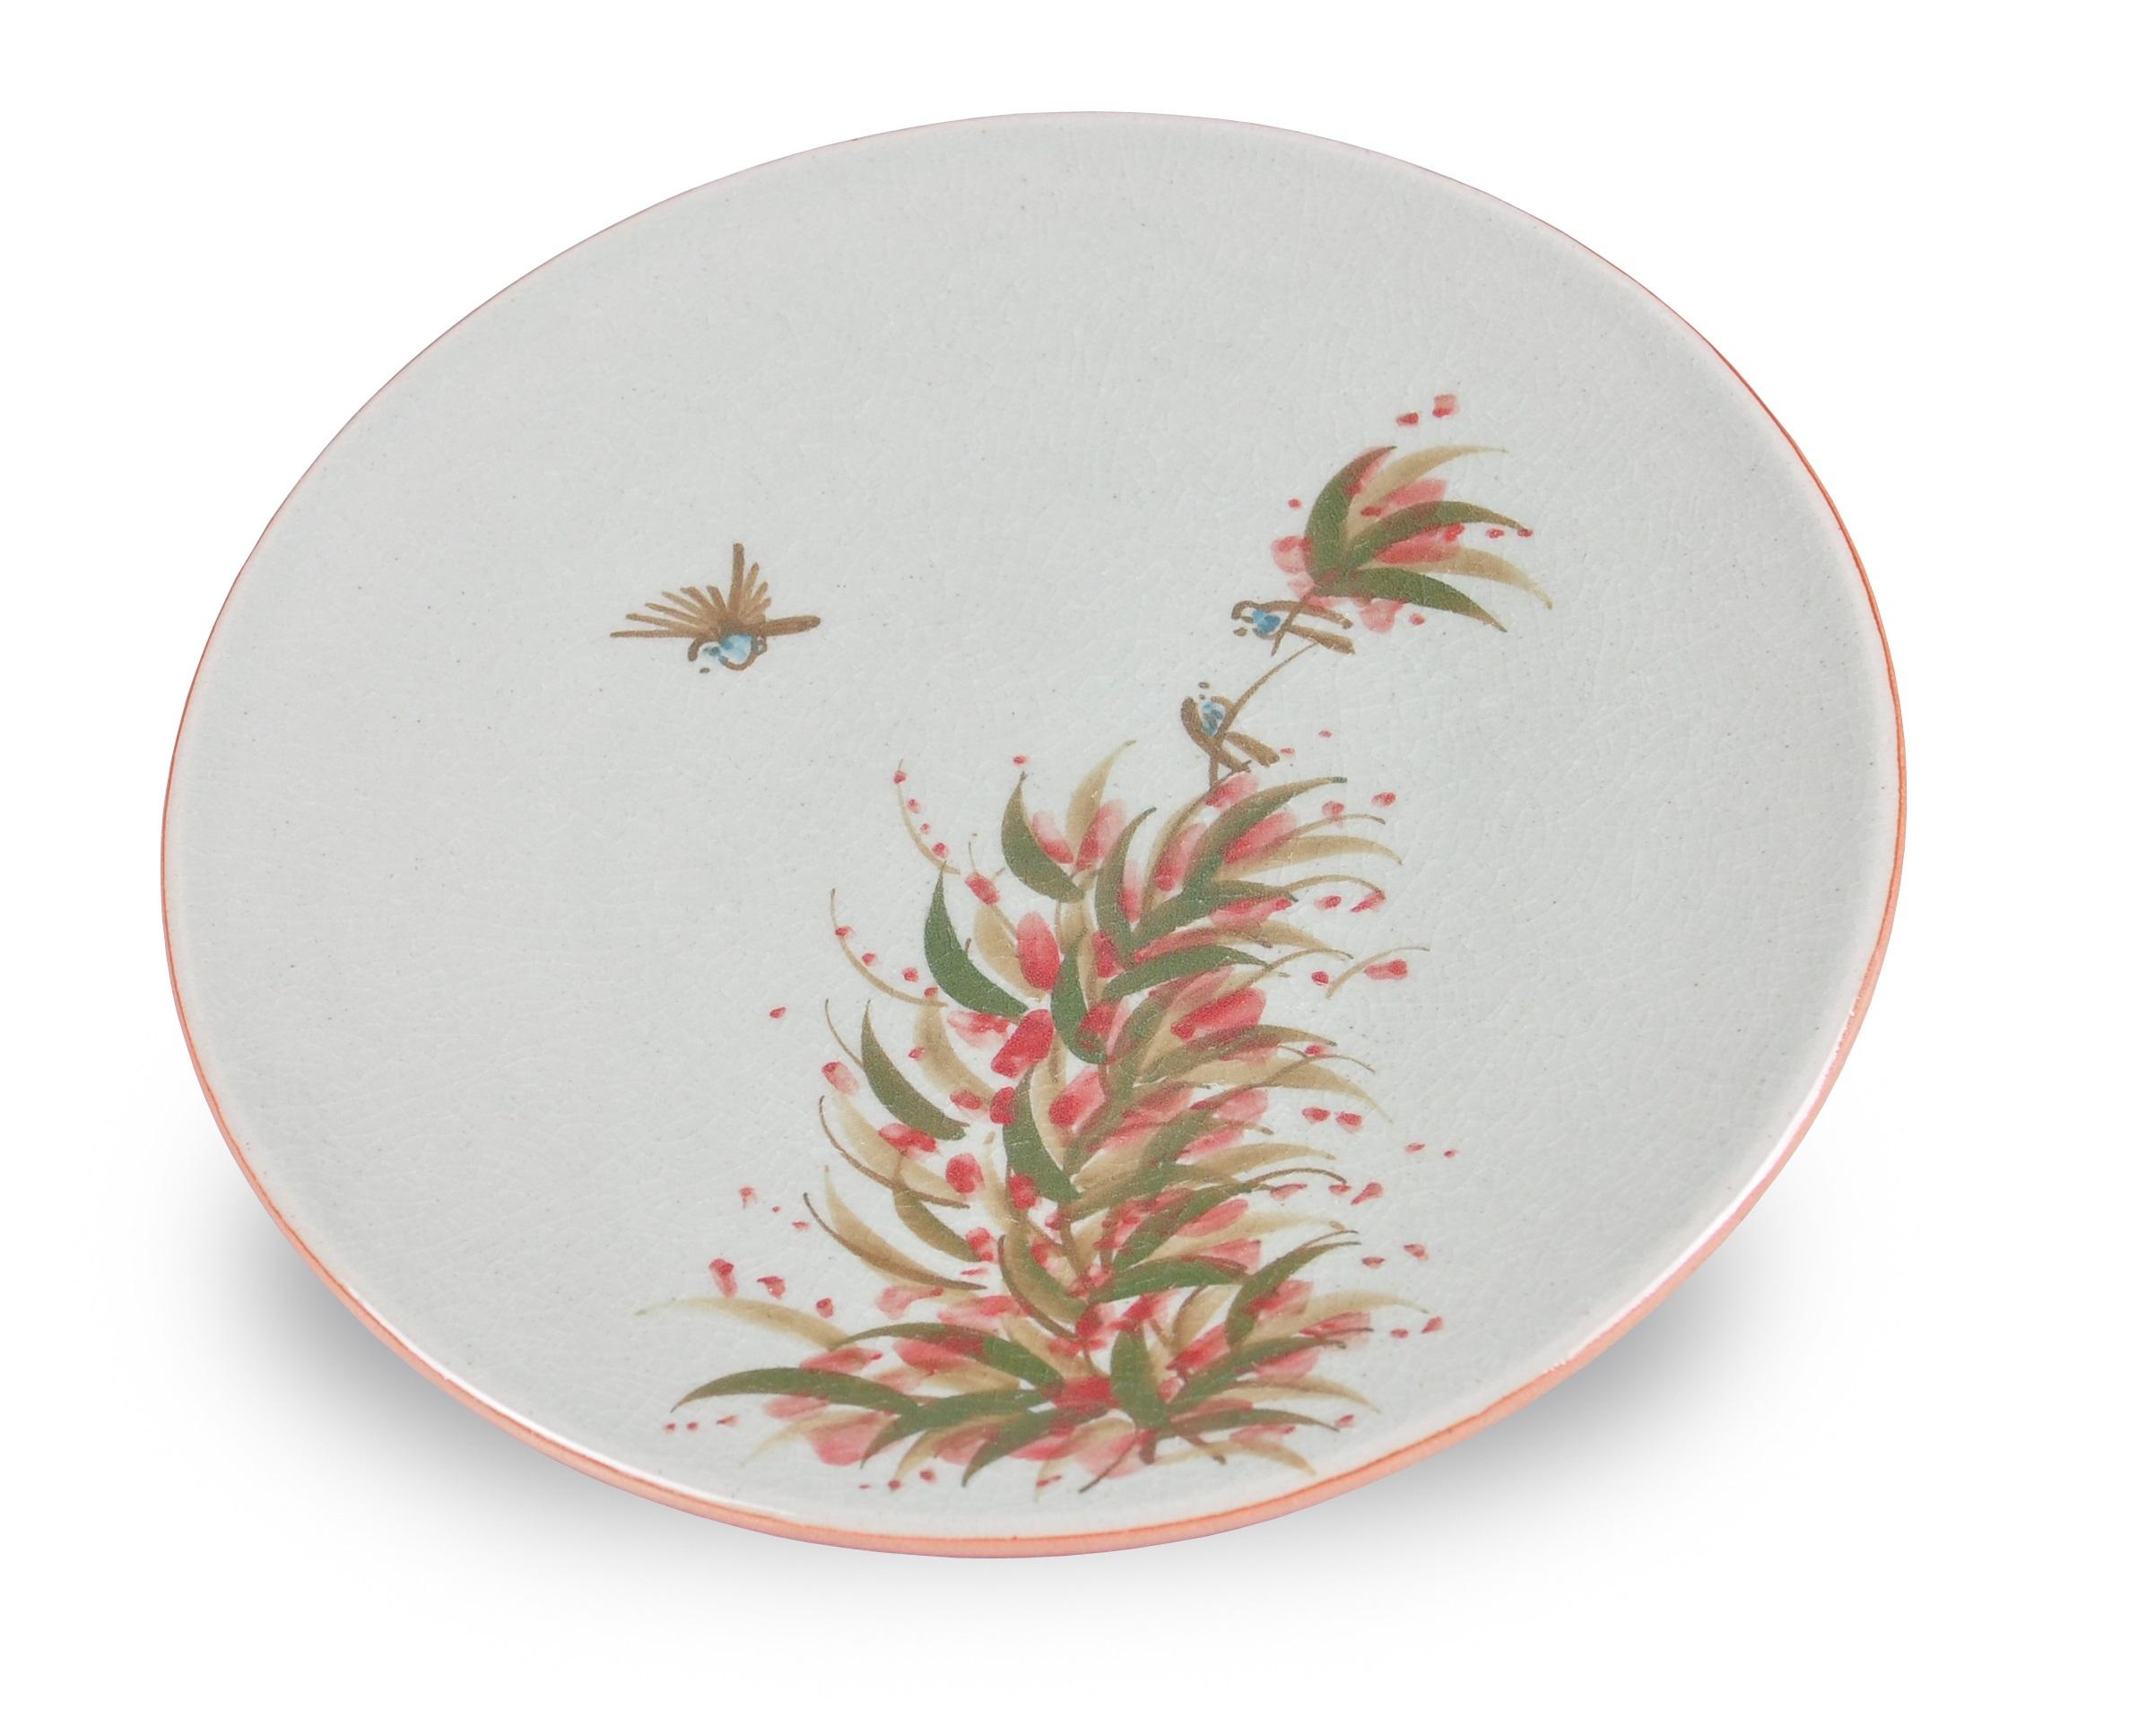 Тарелка JaponicaДекоративные тарелки<br>Посуда из коллекции &amp;quot;Japonica&amp;quot; придаст сервировке вашего стола по настоящему азиатский колорит.<br><br>Material: Керамика<br>Height см: 2.75<br>Diameter см: 25